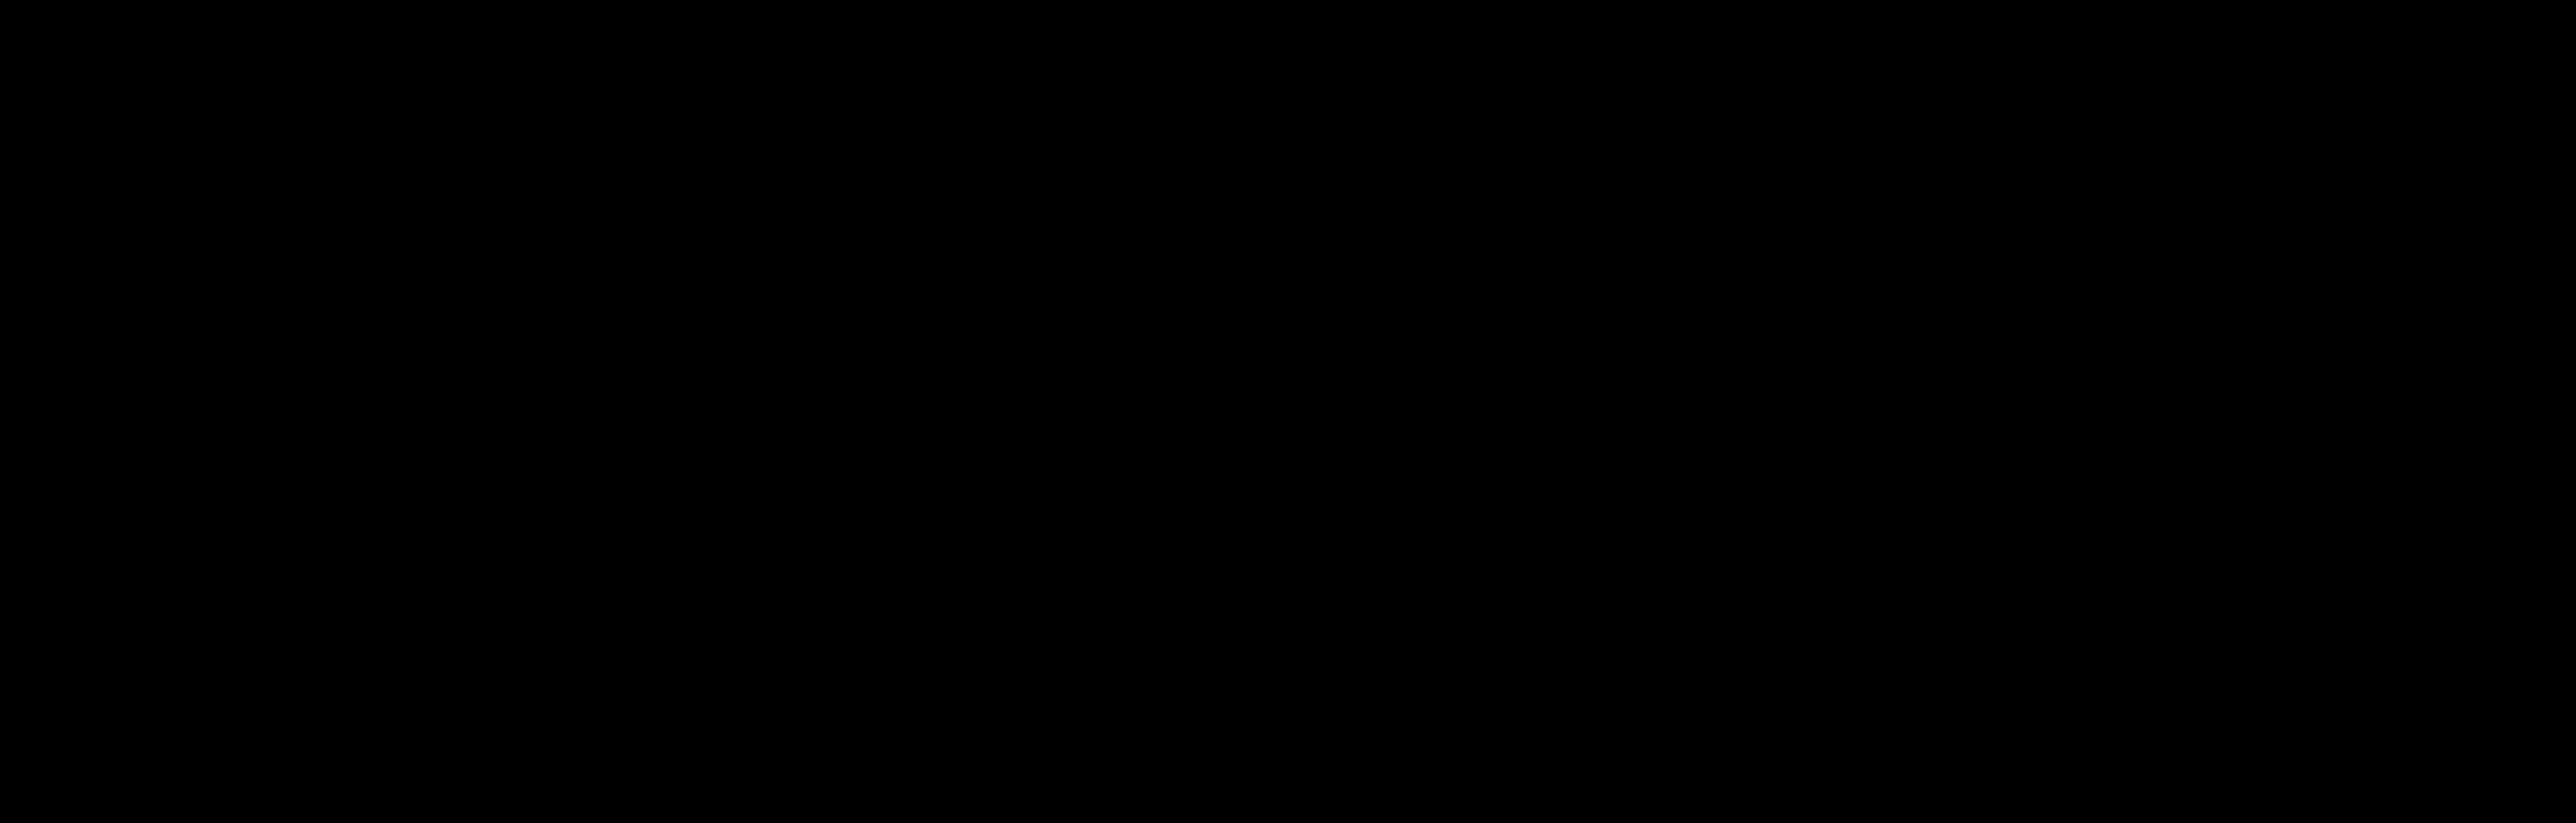 eventserviceowl